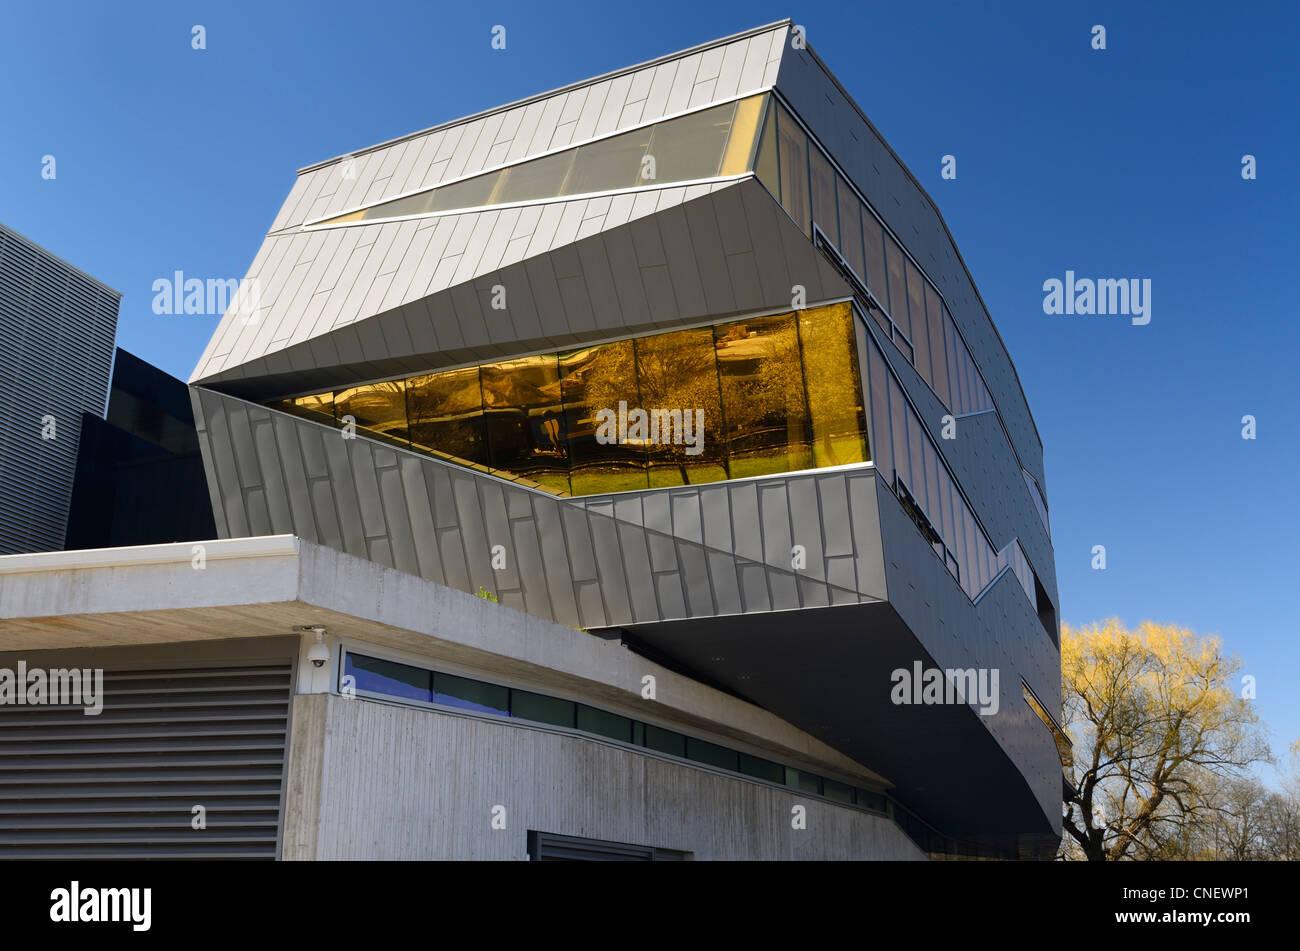 L'architecture futuriste de l'Institut Perimeter de physique théorique en raison de l'édifice Photo Stock